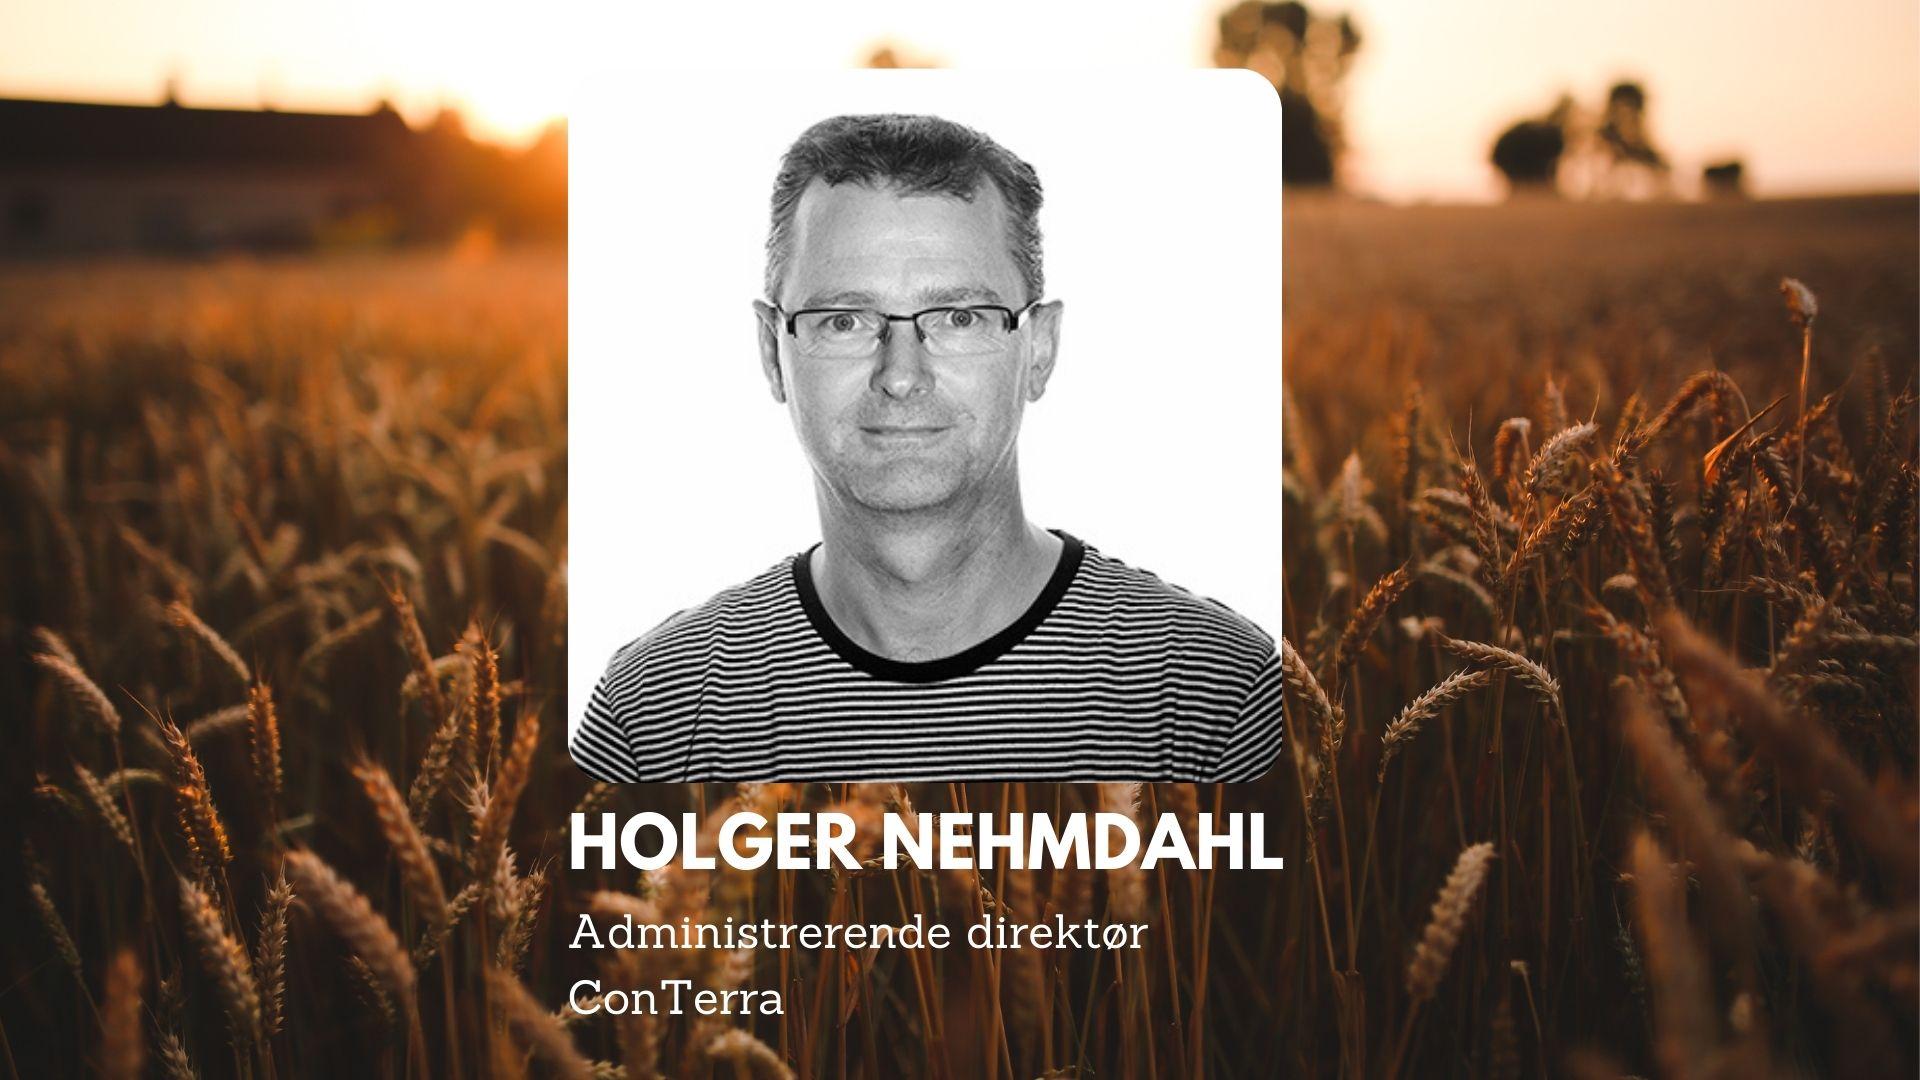 Holger Nehmdahl Farmbrella